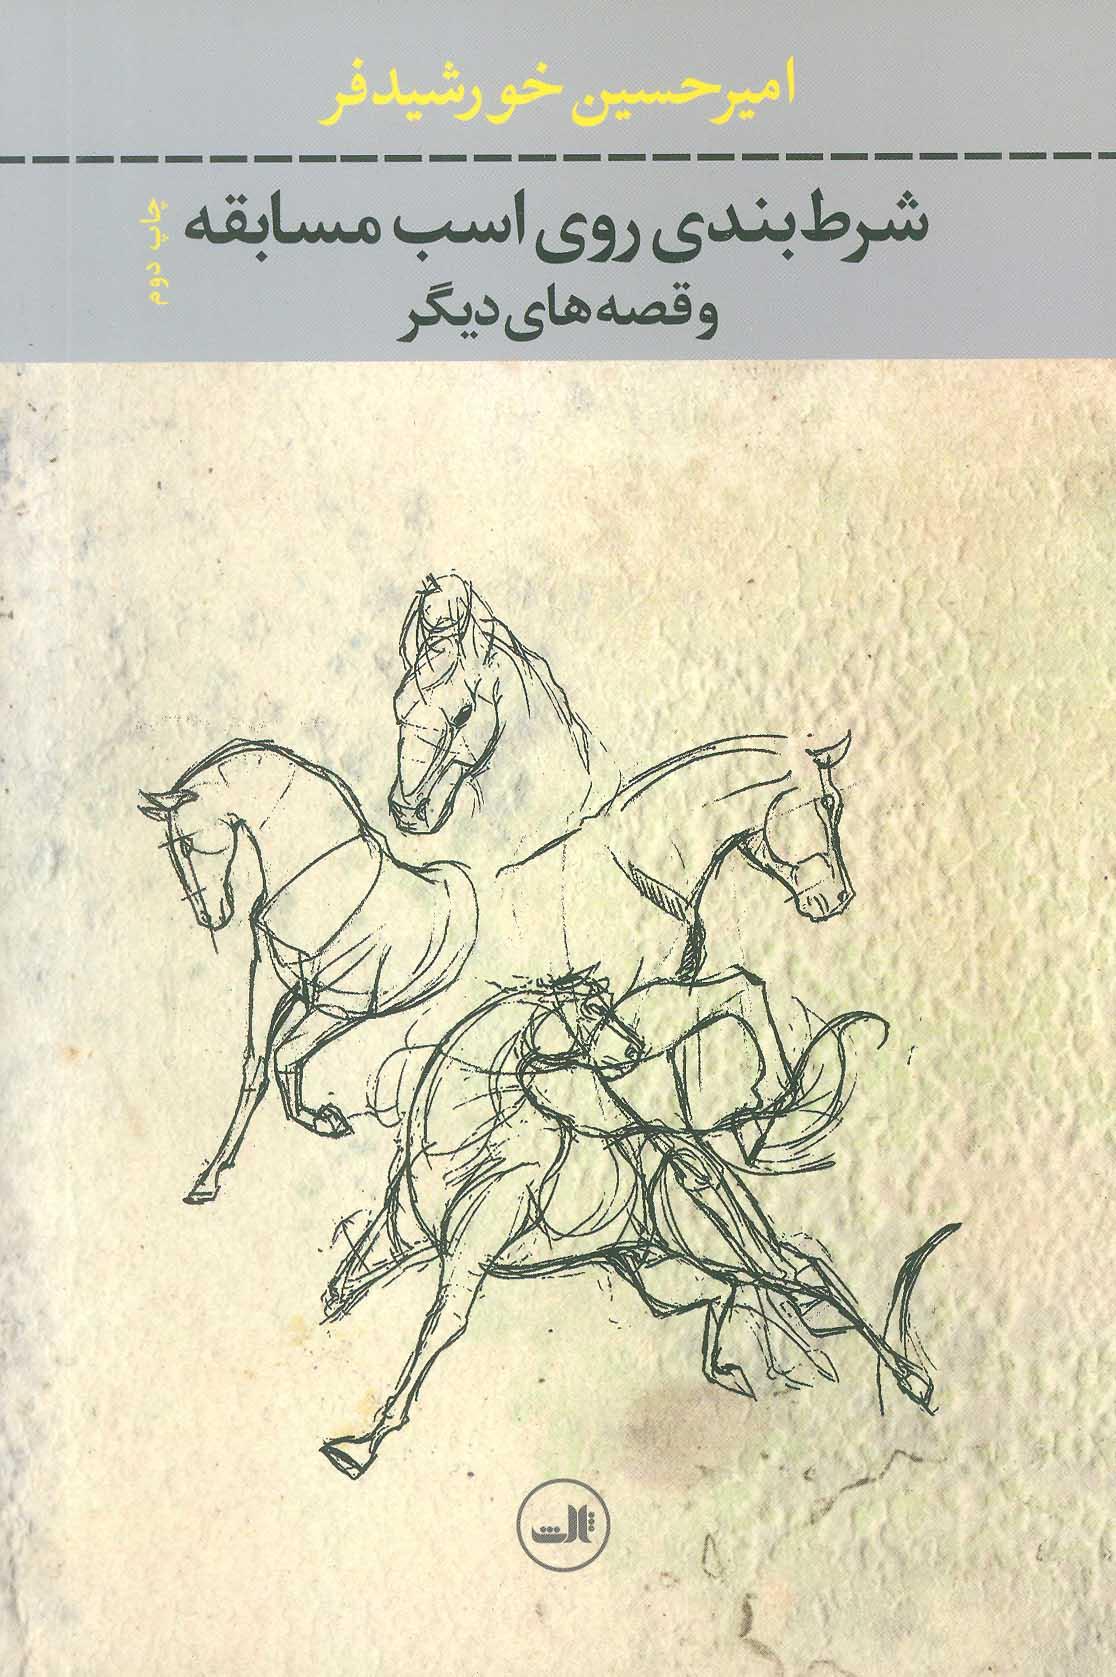 شرط بندی روی اسب مسابقه و قصه های دیگر